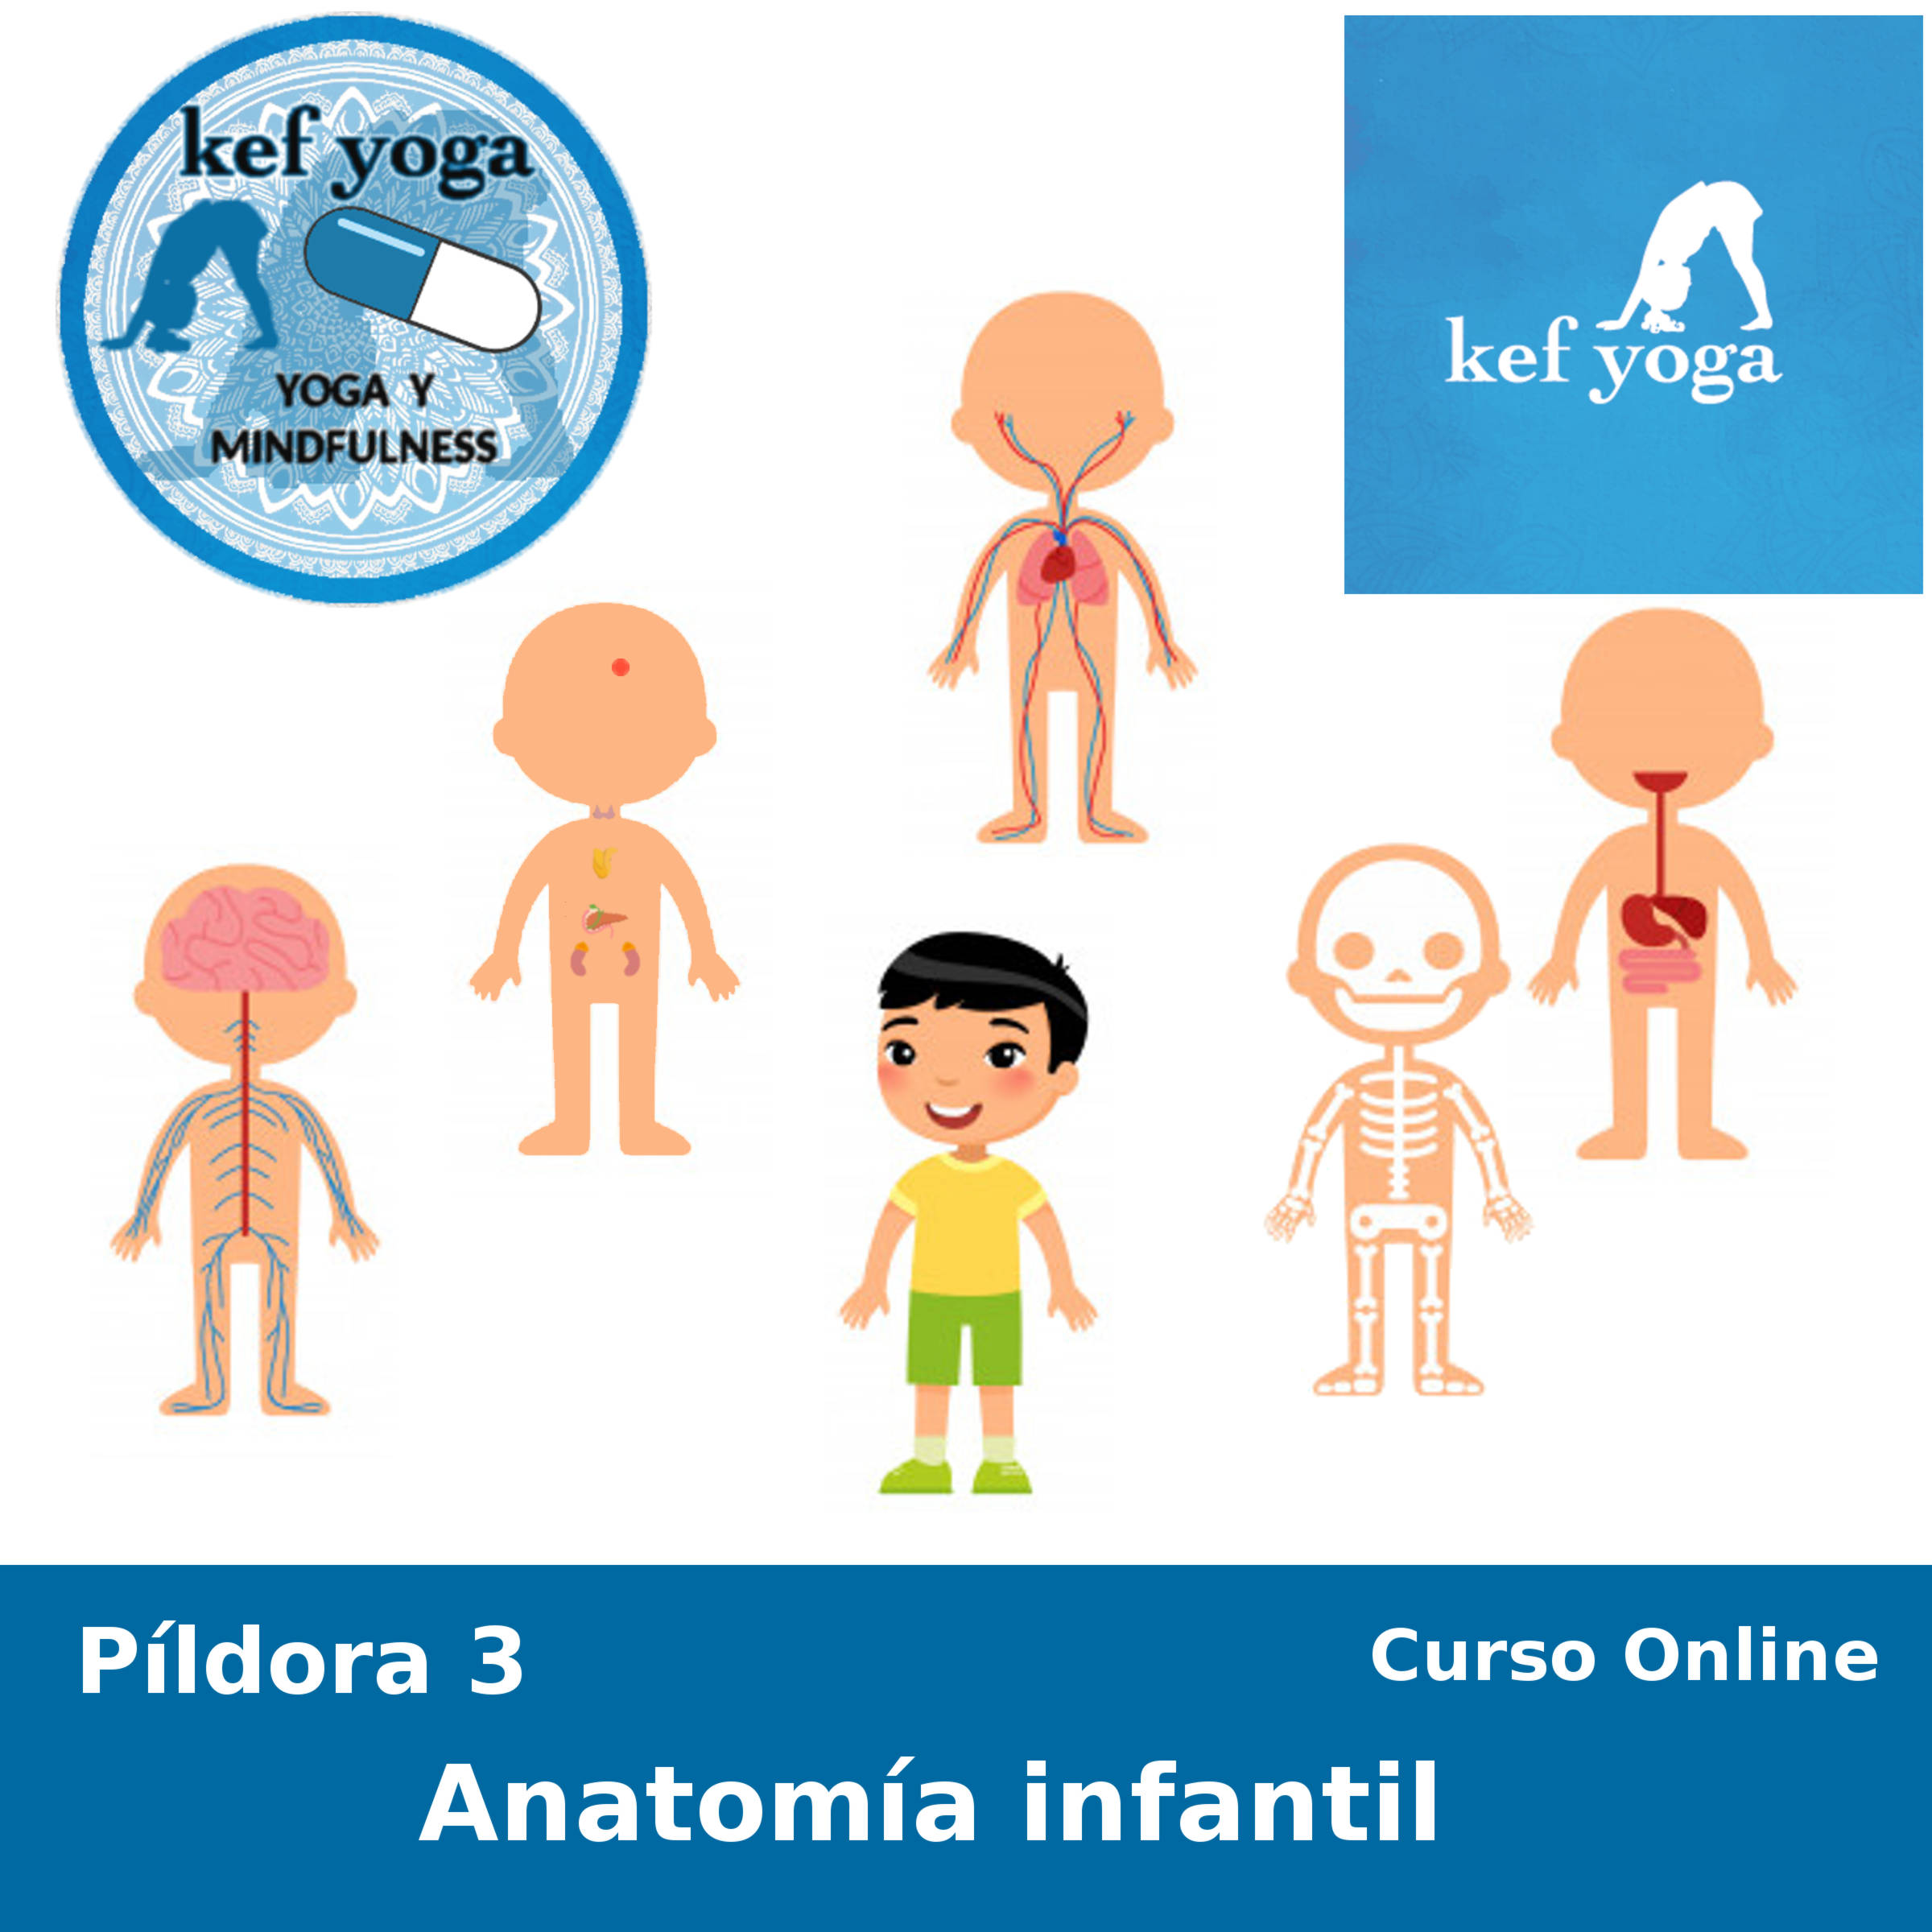 Píldora 3 – Anatomía infantil